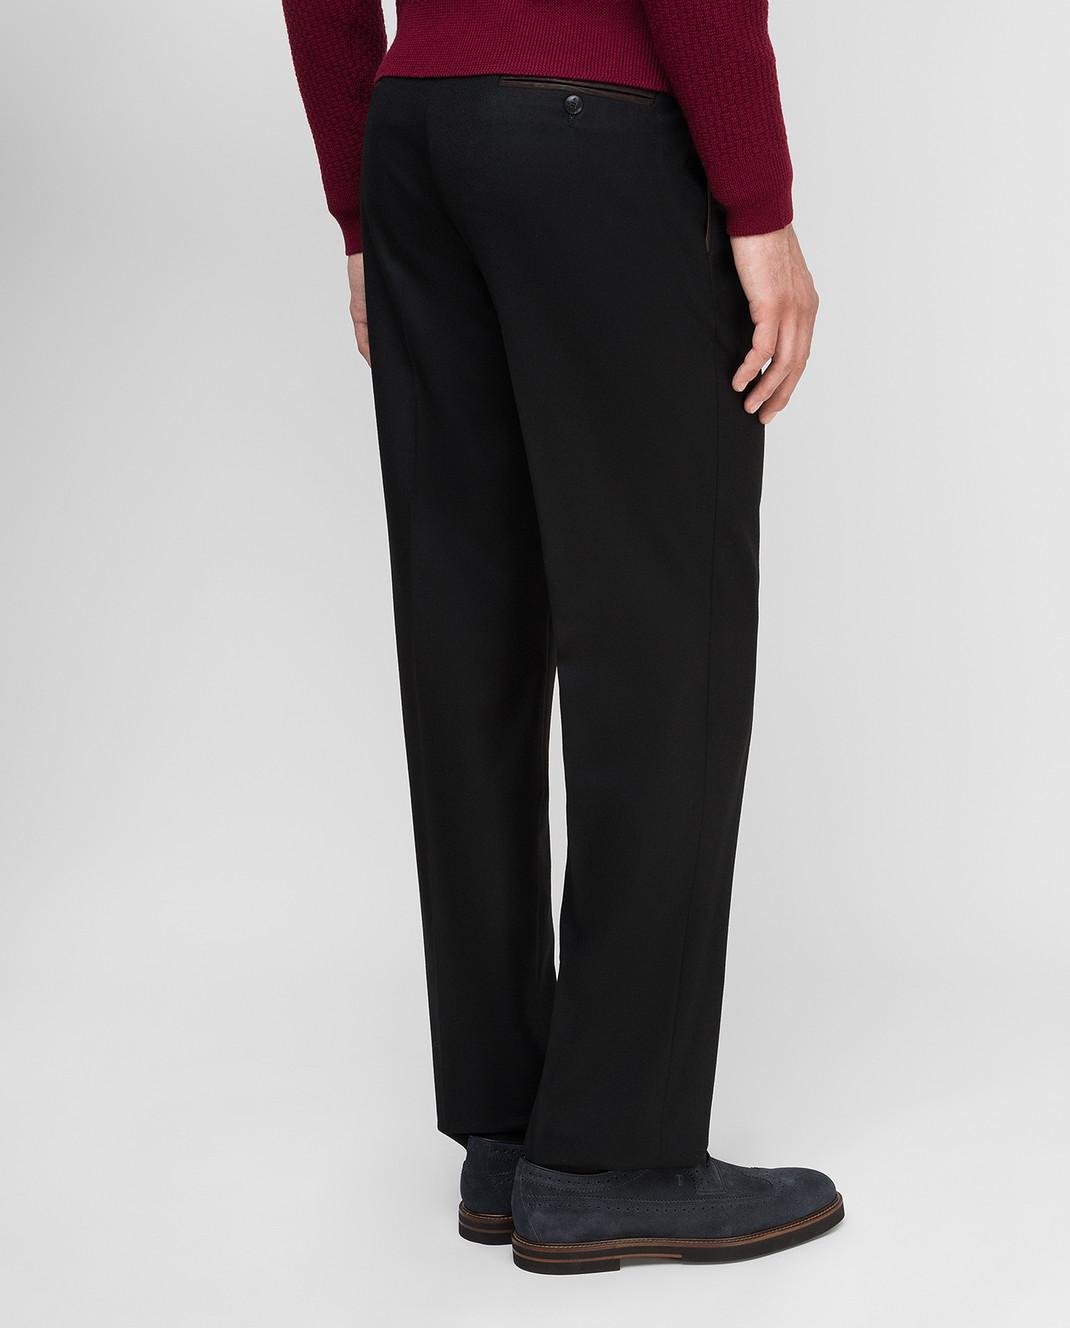 Castello d'Oro Черные брюки из шерсти изображение 4